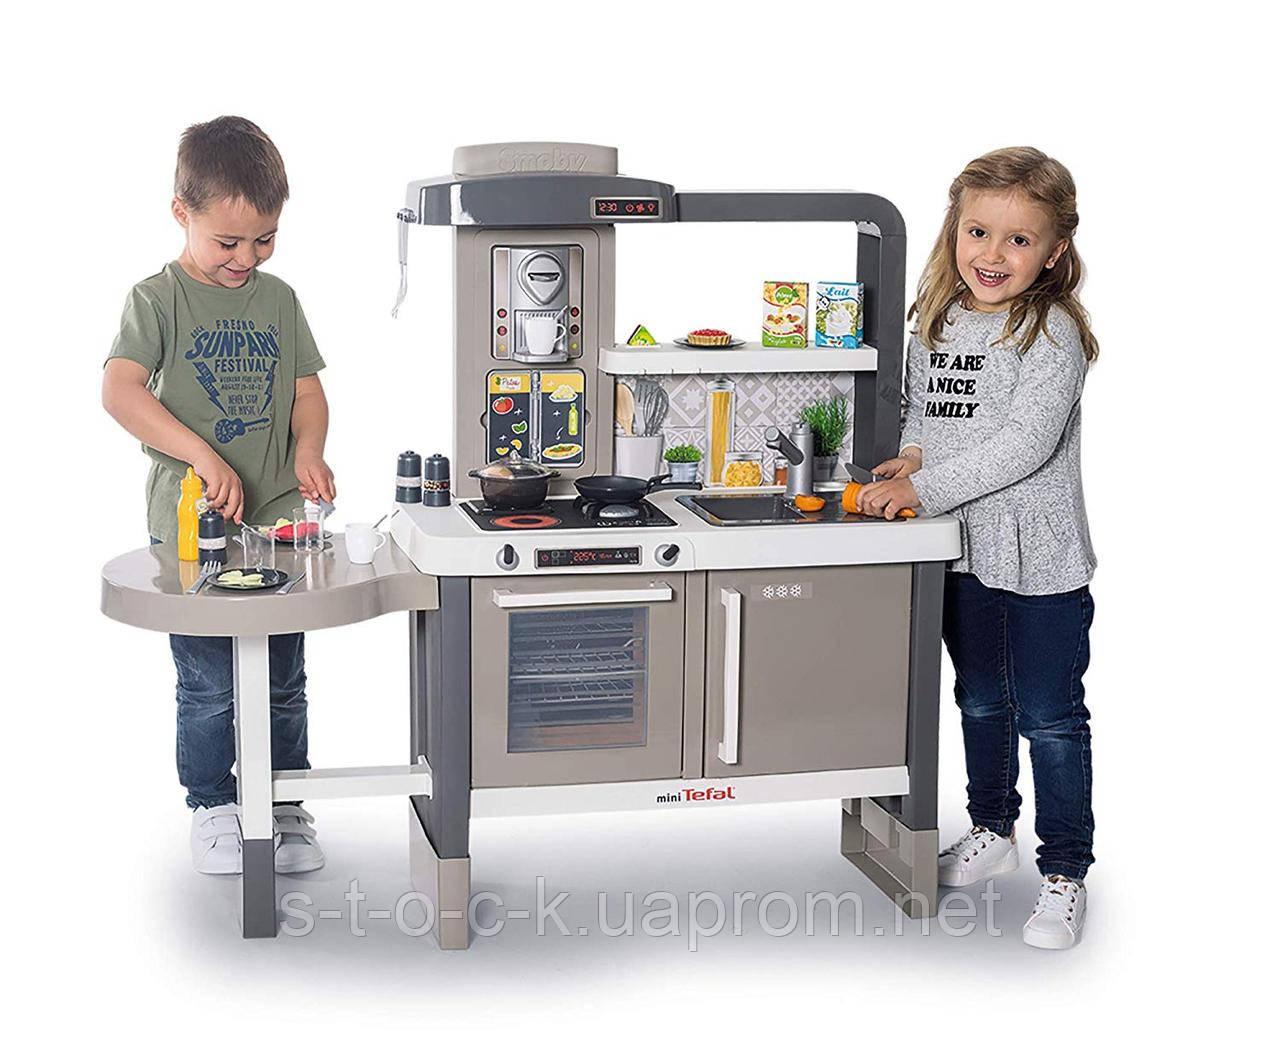 Дитяча інтерактивна кухня mini Tefal Evolutive SMOBY 312300